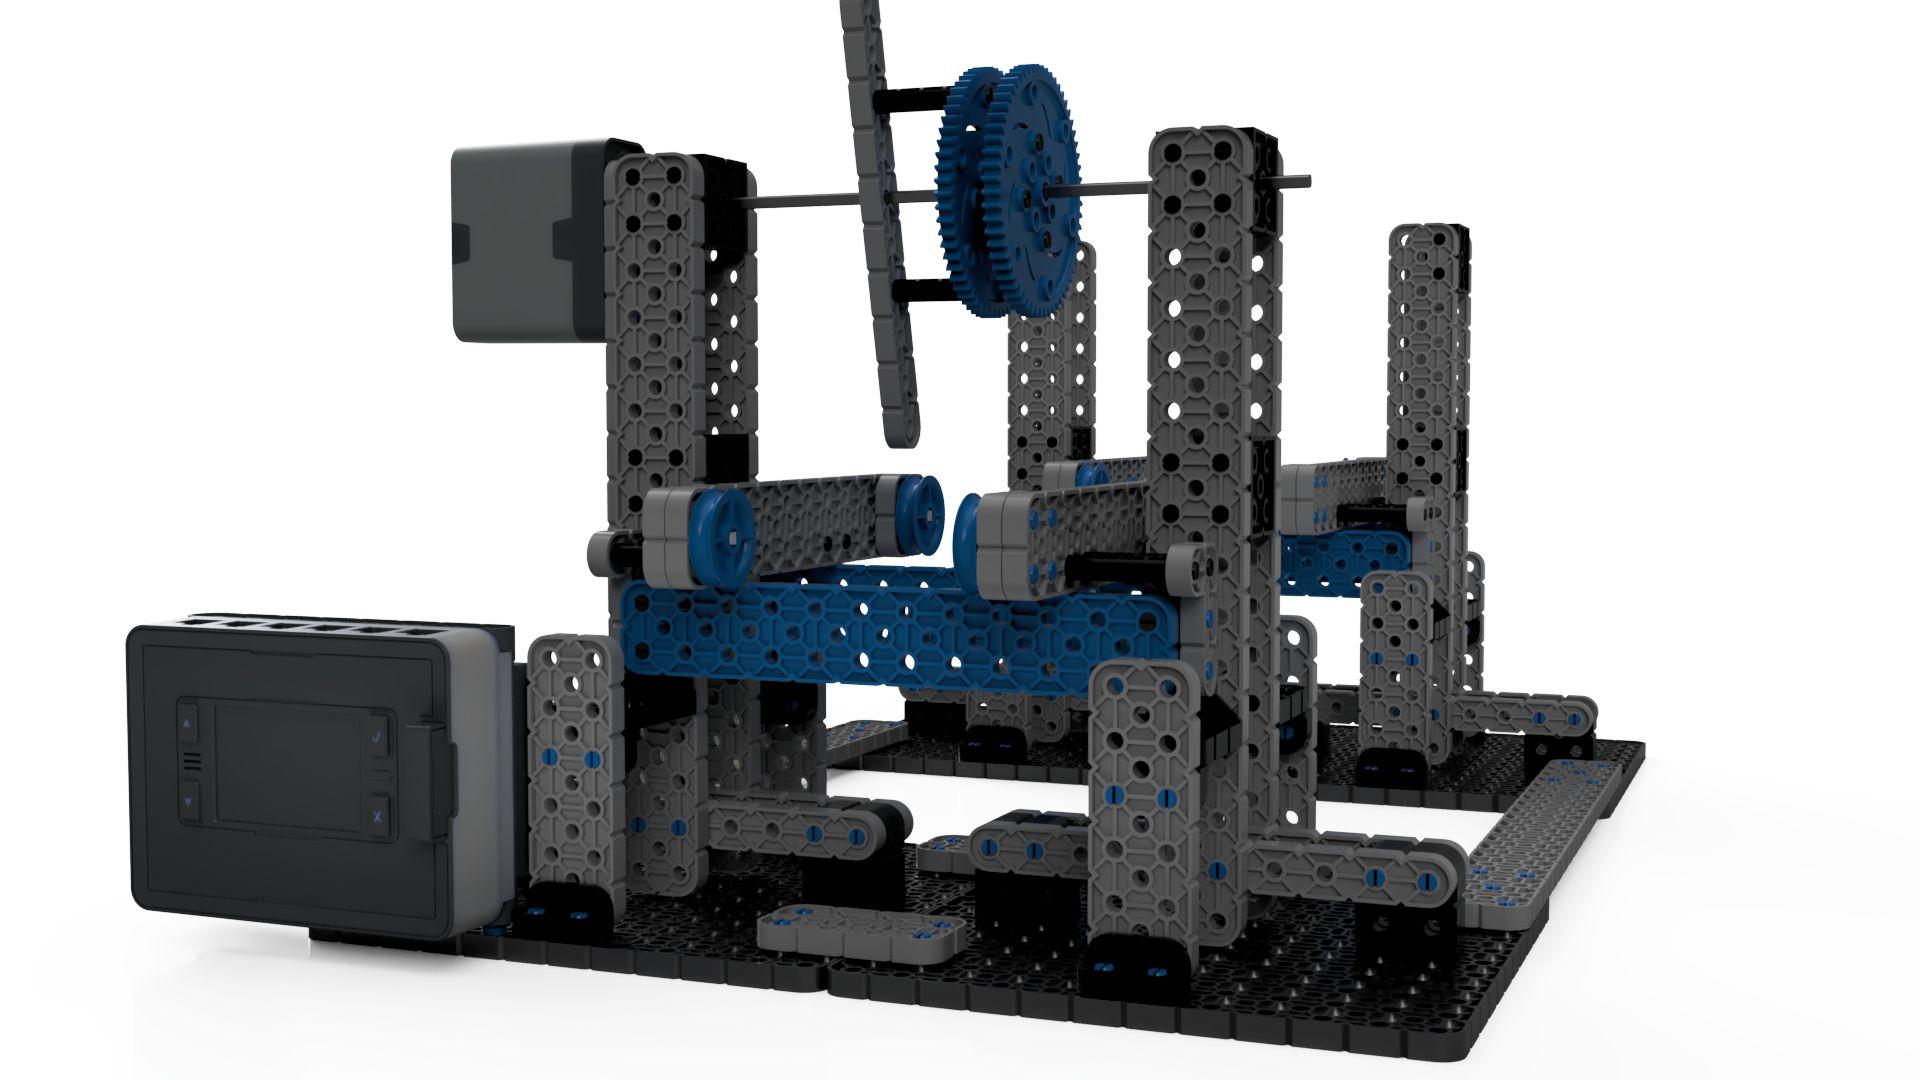 Robot-bobina-fila-2018-jul-03-08-27-07pm-000-customizedview9672582456-3500-3500